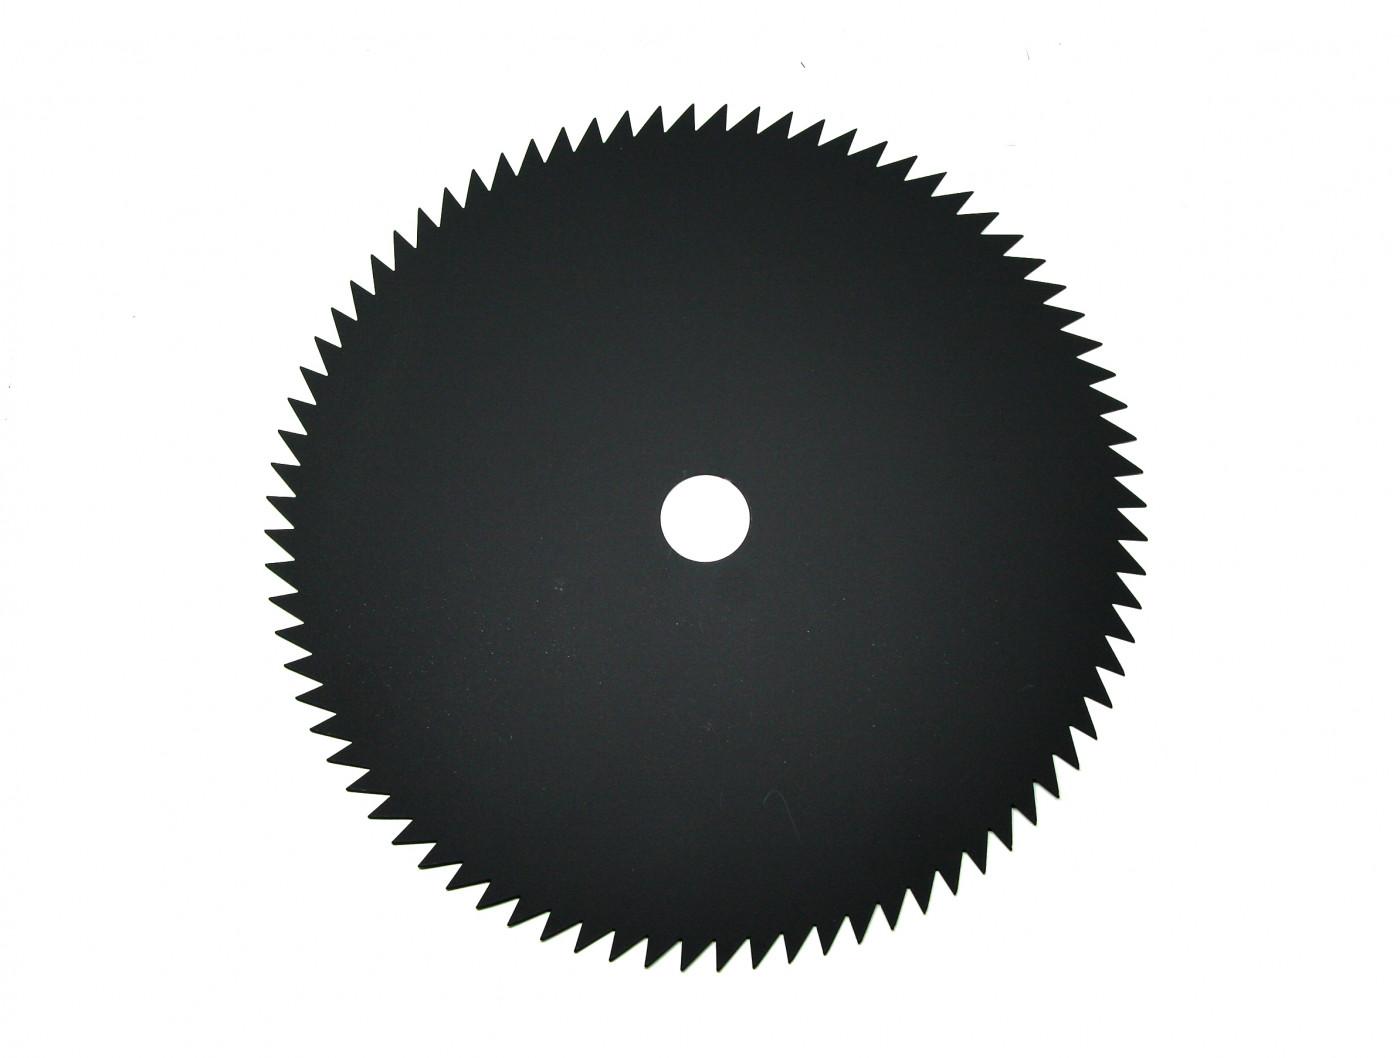 Řezací kotouč Univerzální 80 ZUBŮ - PRŮMĚR 25,4mm ŠÍŘKA 255mm TLOUŠŤKA 1,4mm